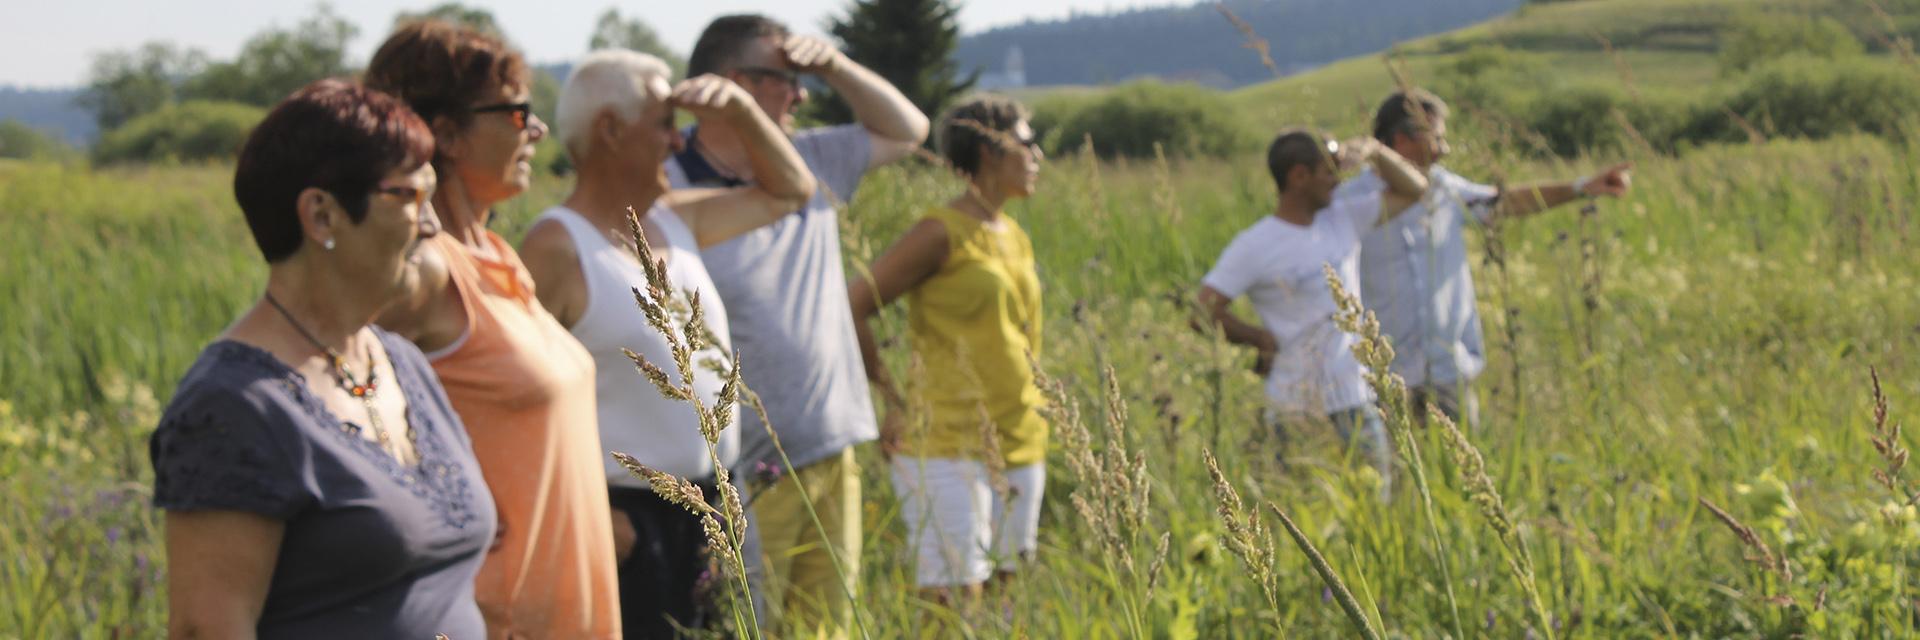 Découverte du Haut-Jura - Le Duchet